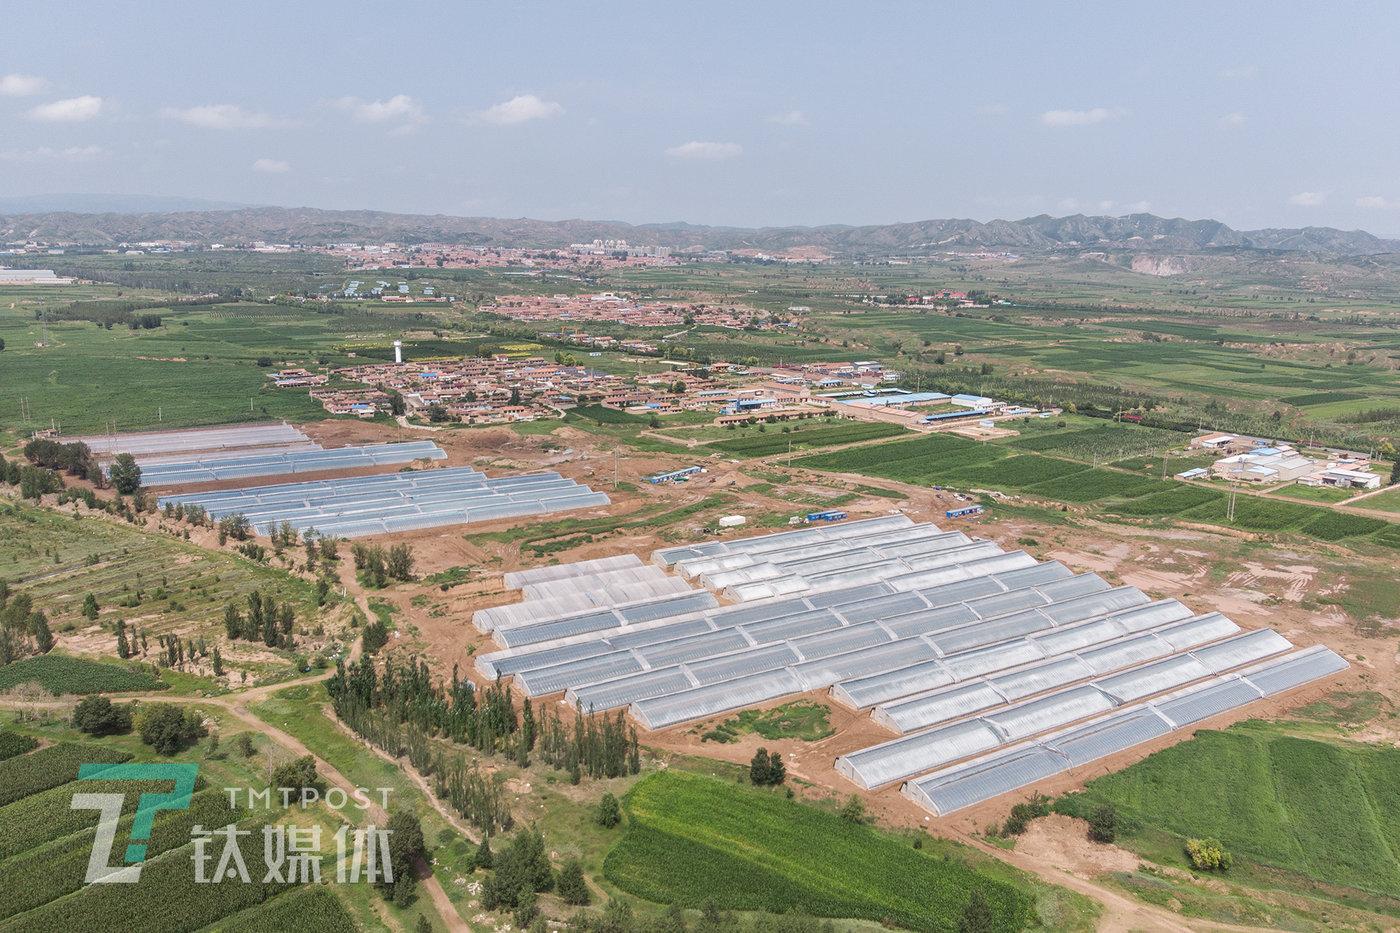 2020年7月31日,张家口市万全区李杏庄村,郝亦成团队的温室树莓基地。这是中国北方特有的大棚,中国40%的设施蔬菜是由这种棚体贡献。